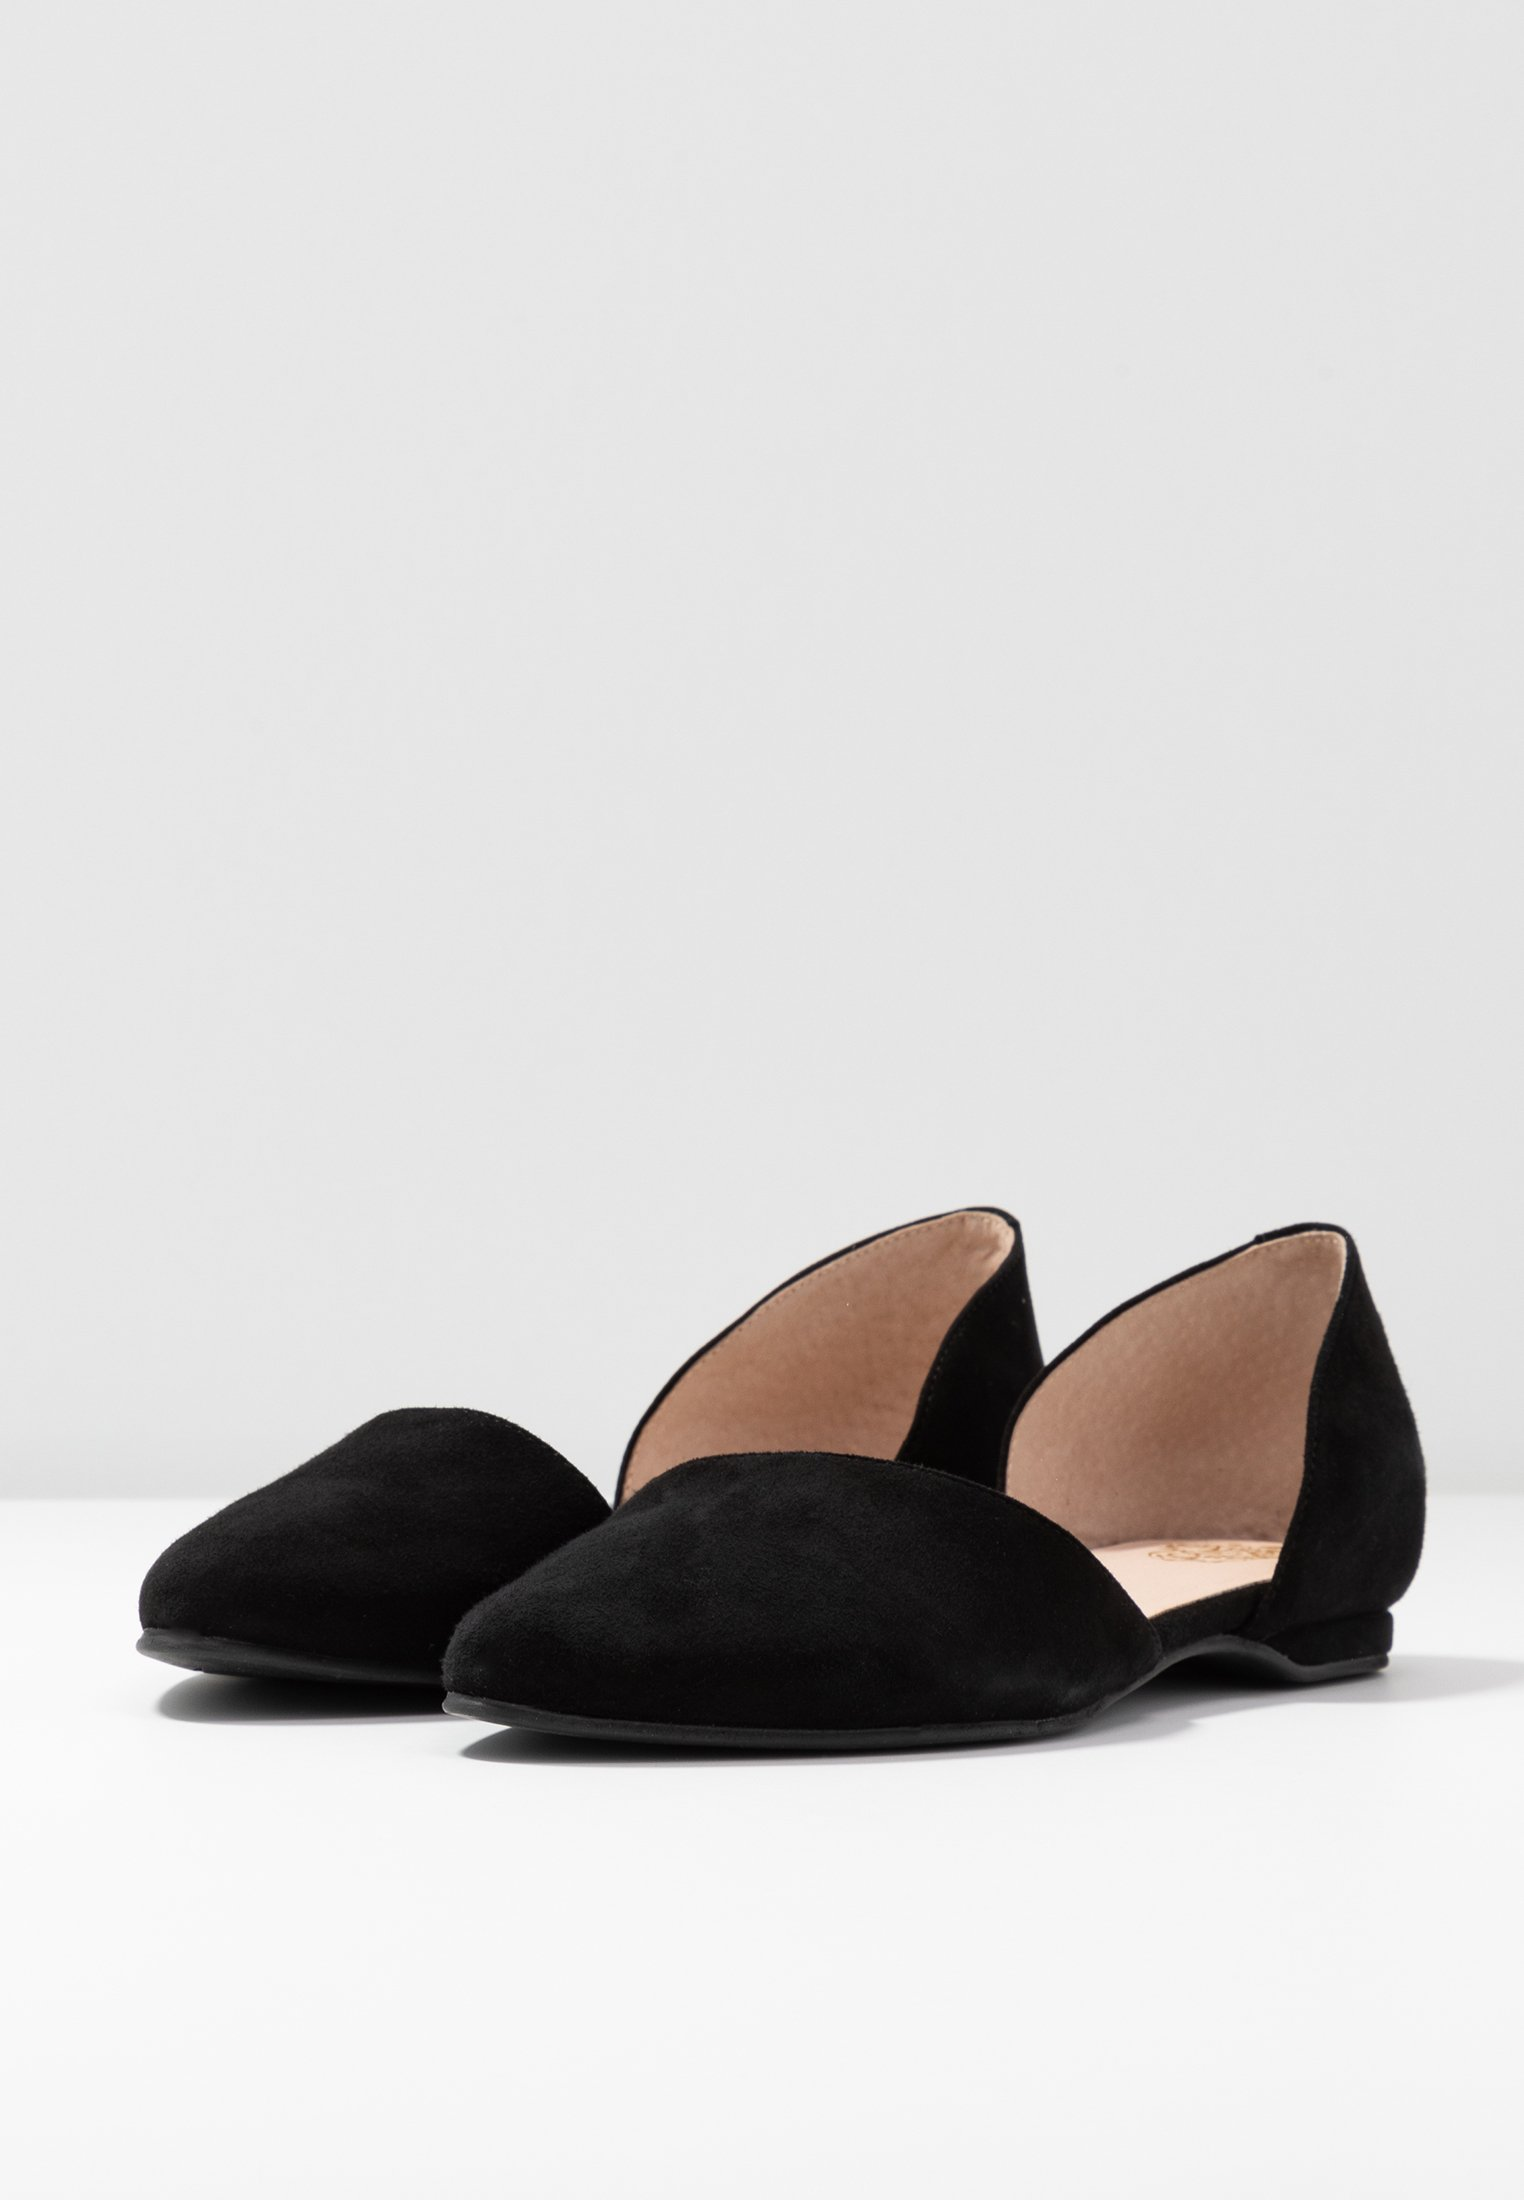 Apple Of Eden Blondie - Ballerina Black